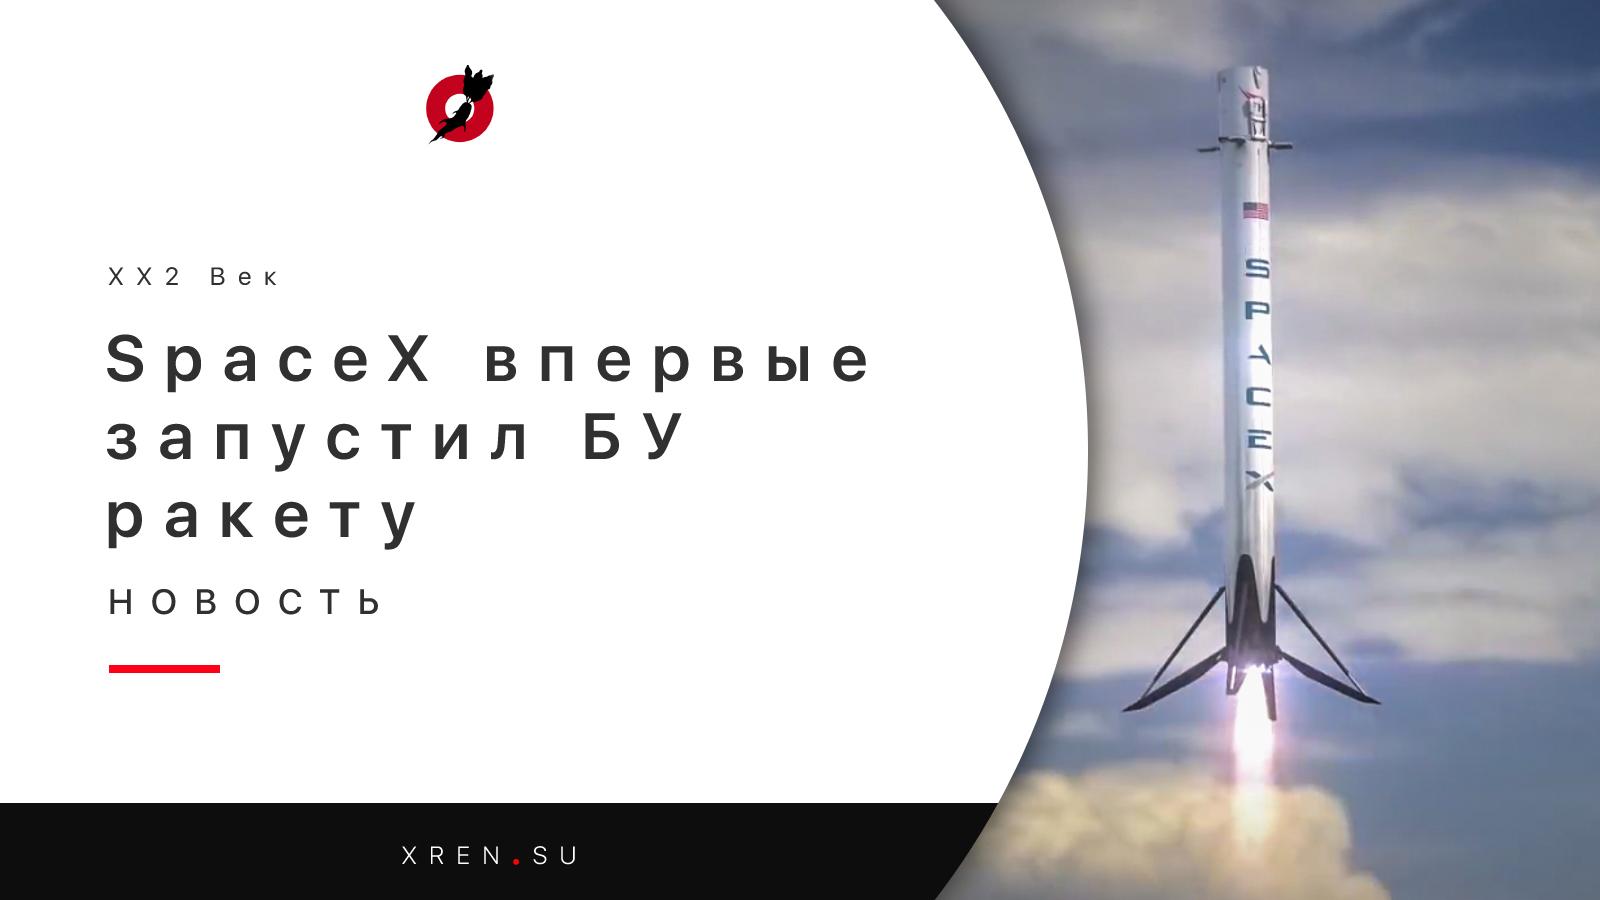 SpaceX впервые запустил «бывшую в употреблении» ракету